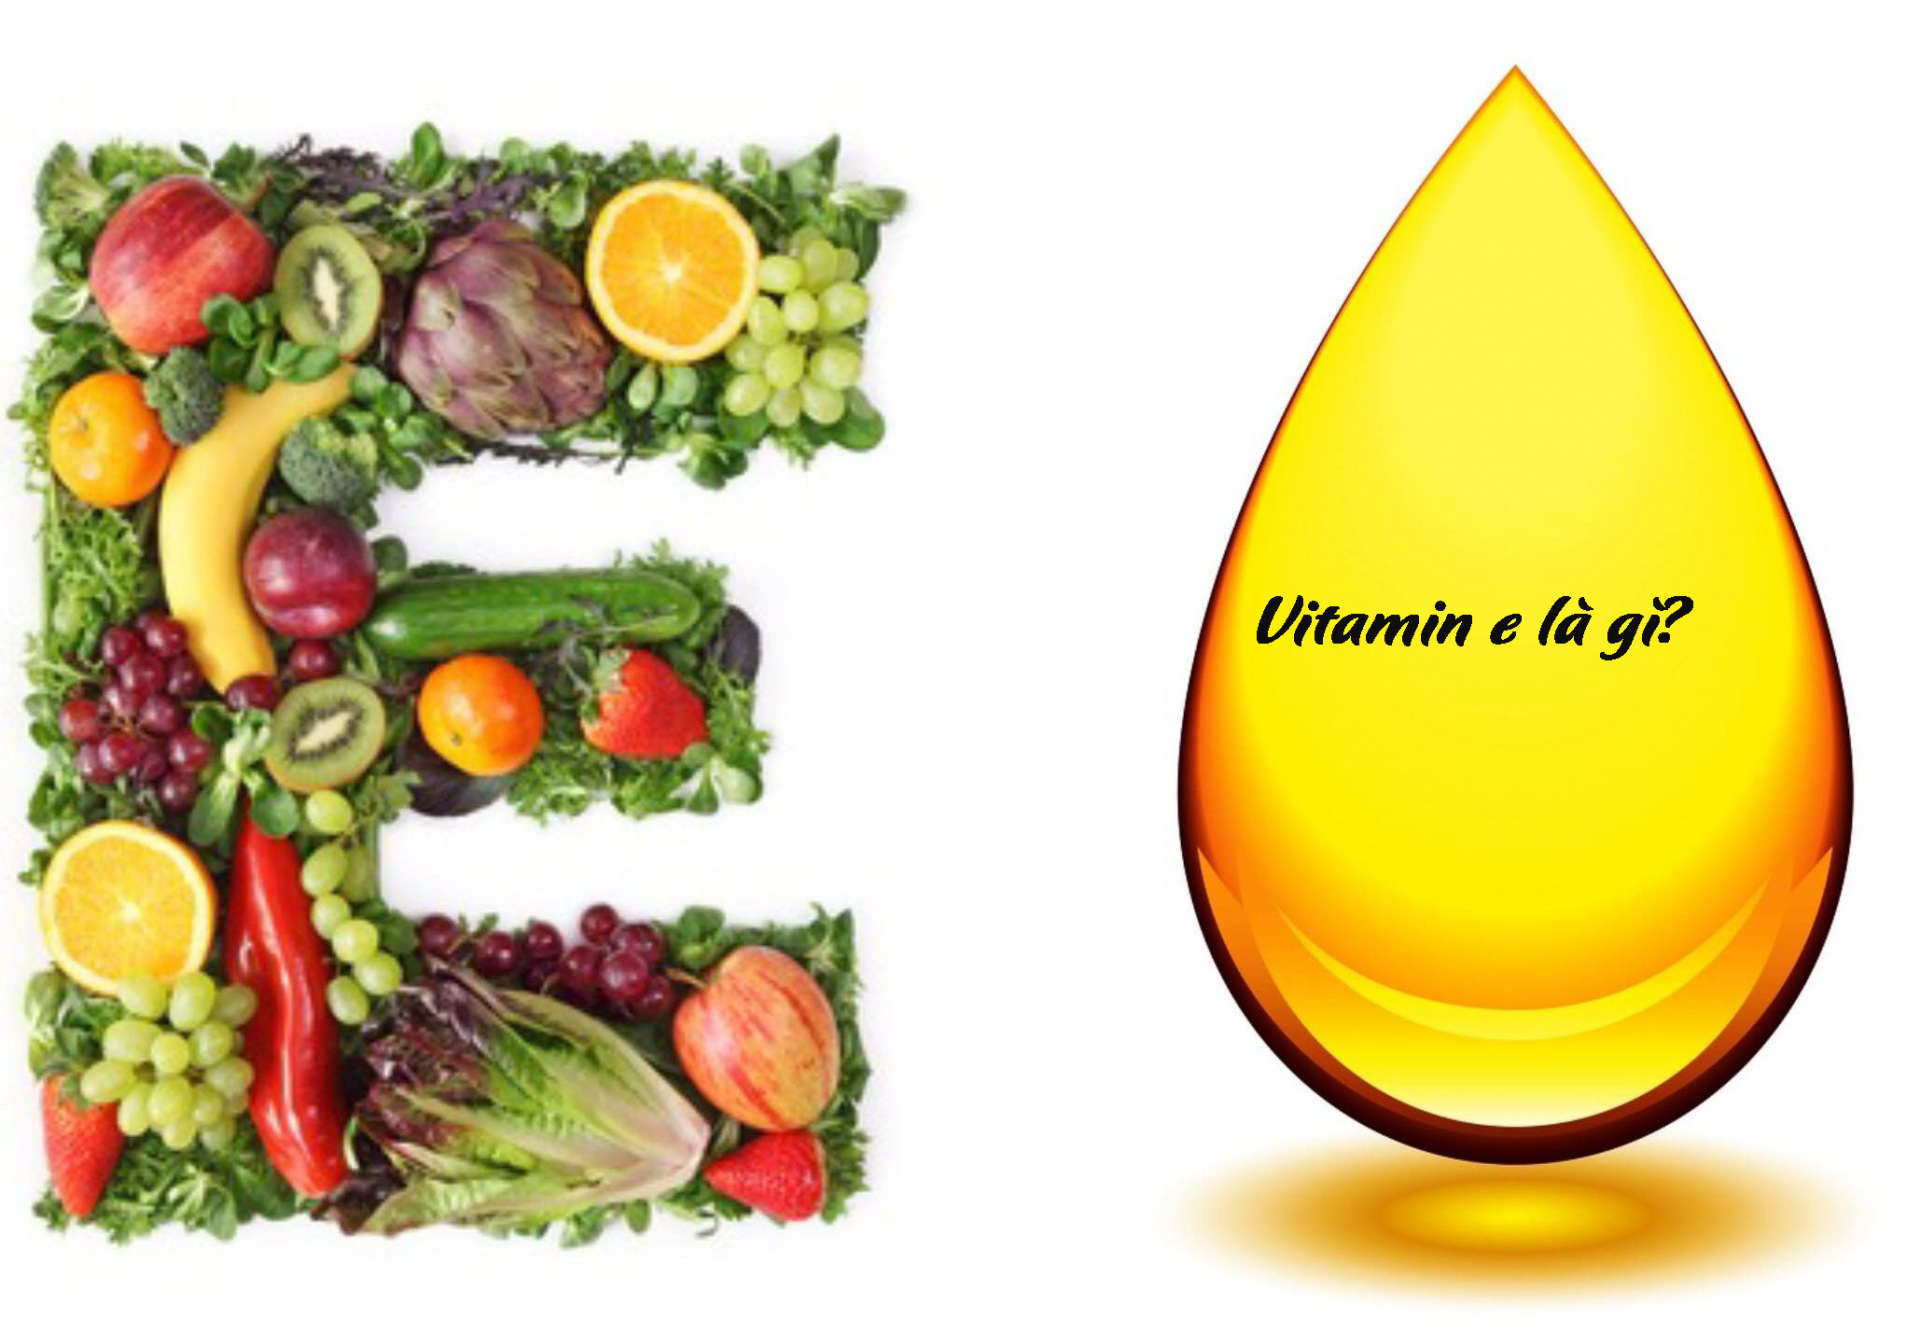 vitamin e có trong những loại rau củ quả nào ?